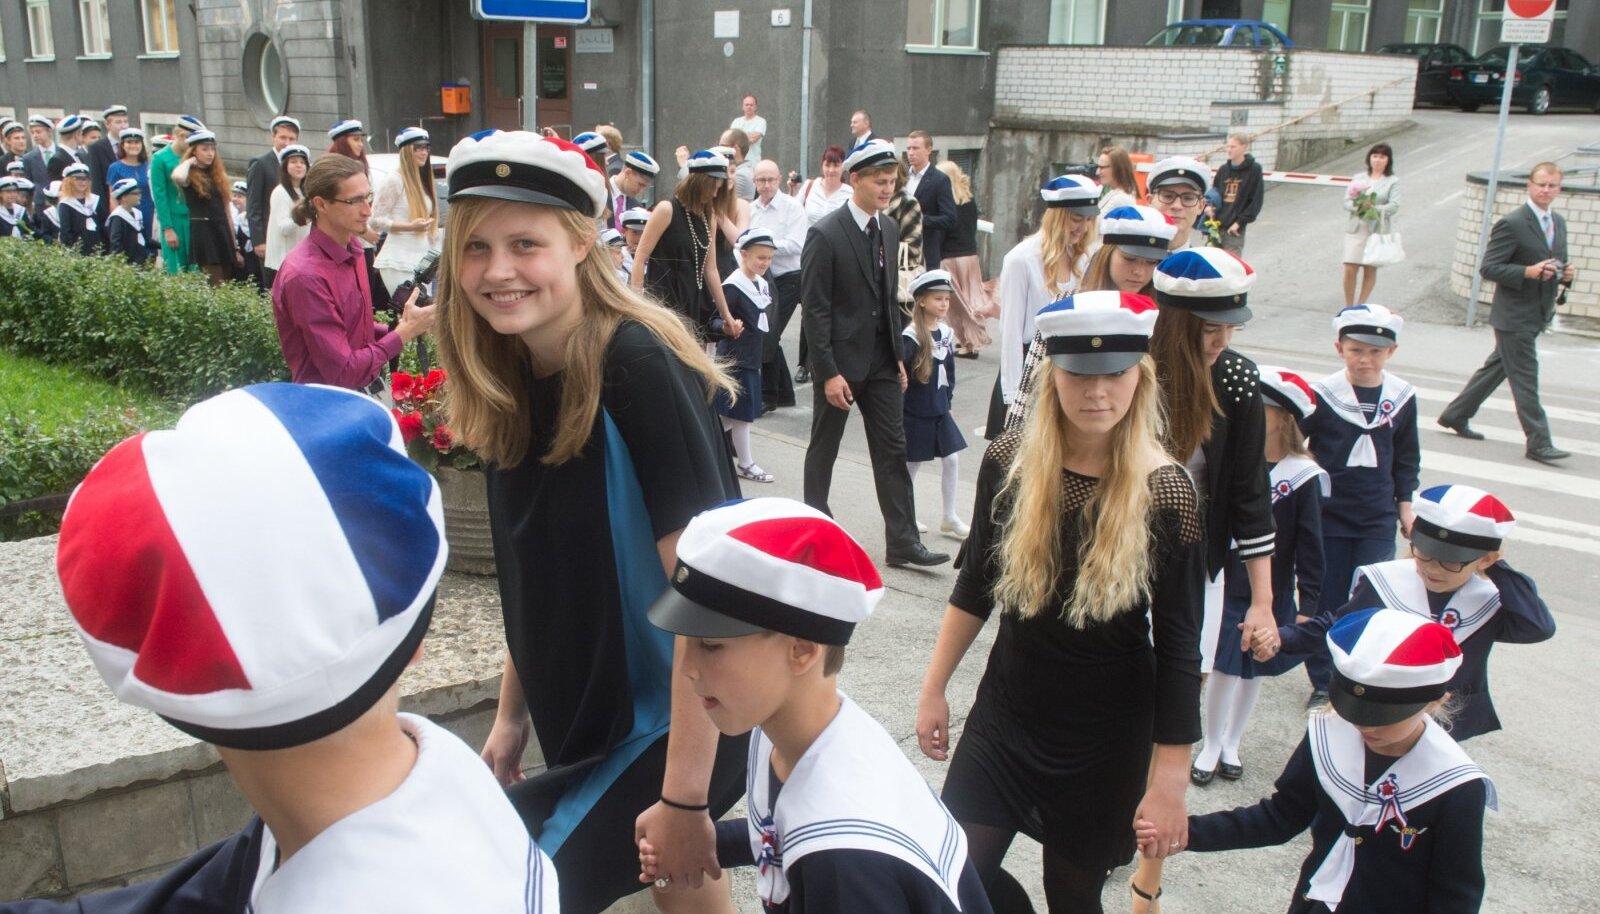 Pramtsuse Lütseumi abituriendid viivad esimese klassi õpilasi aktusele